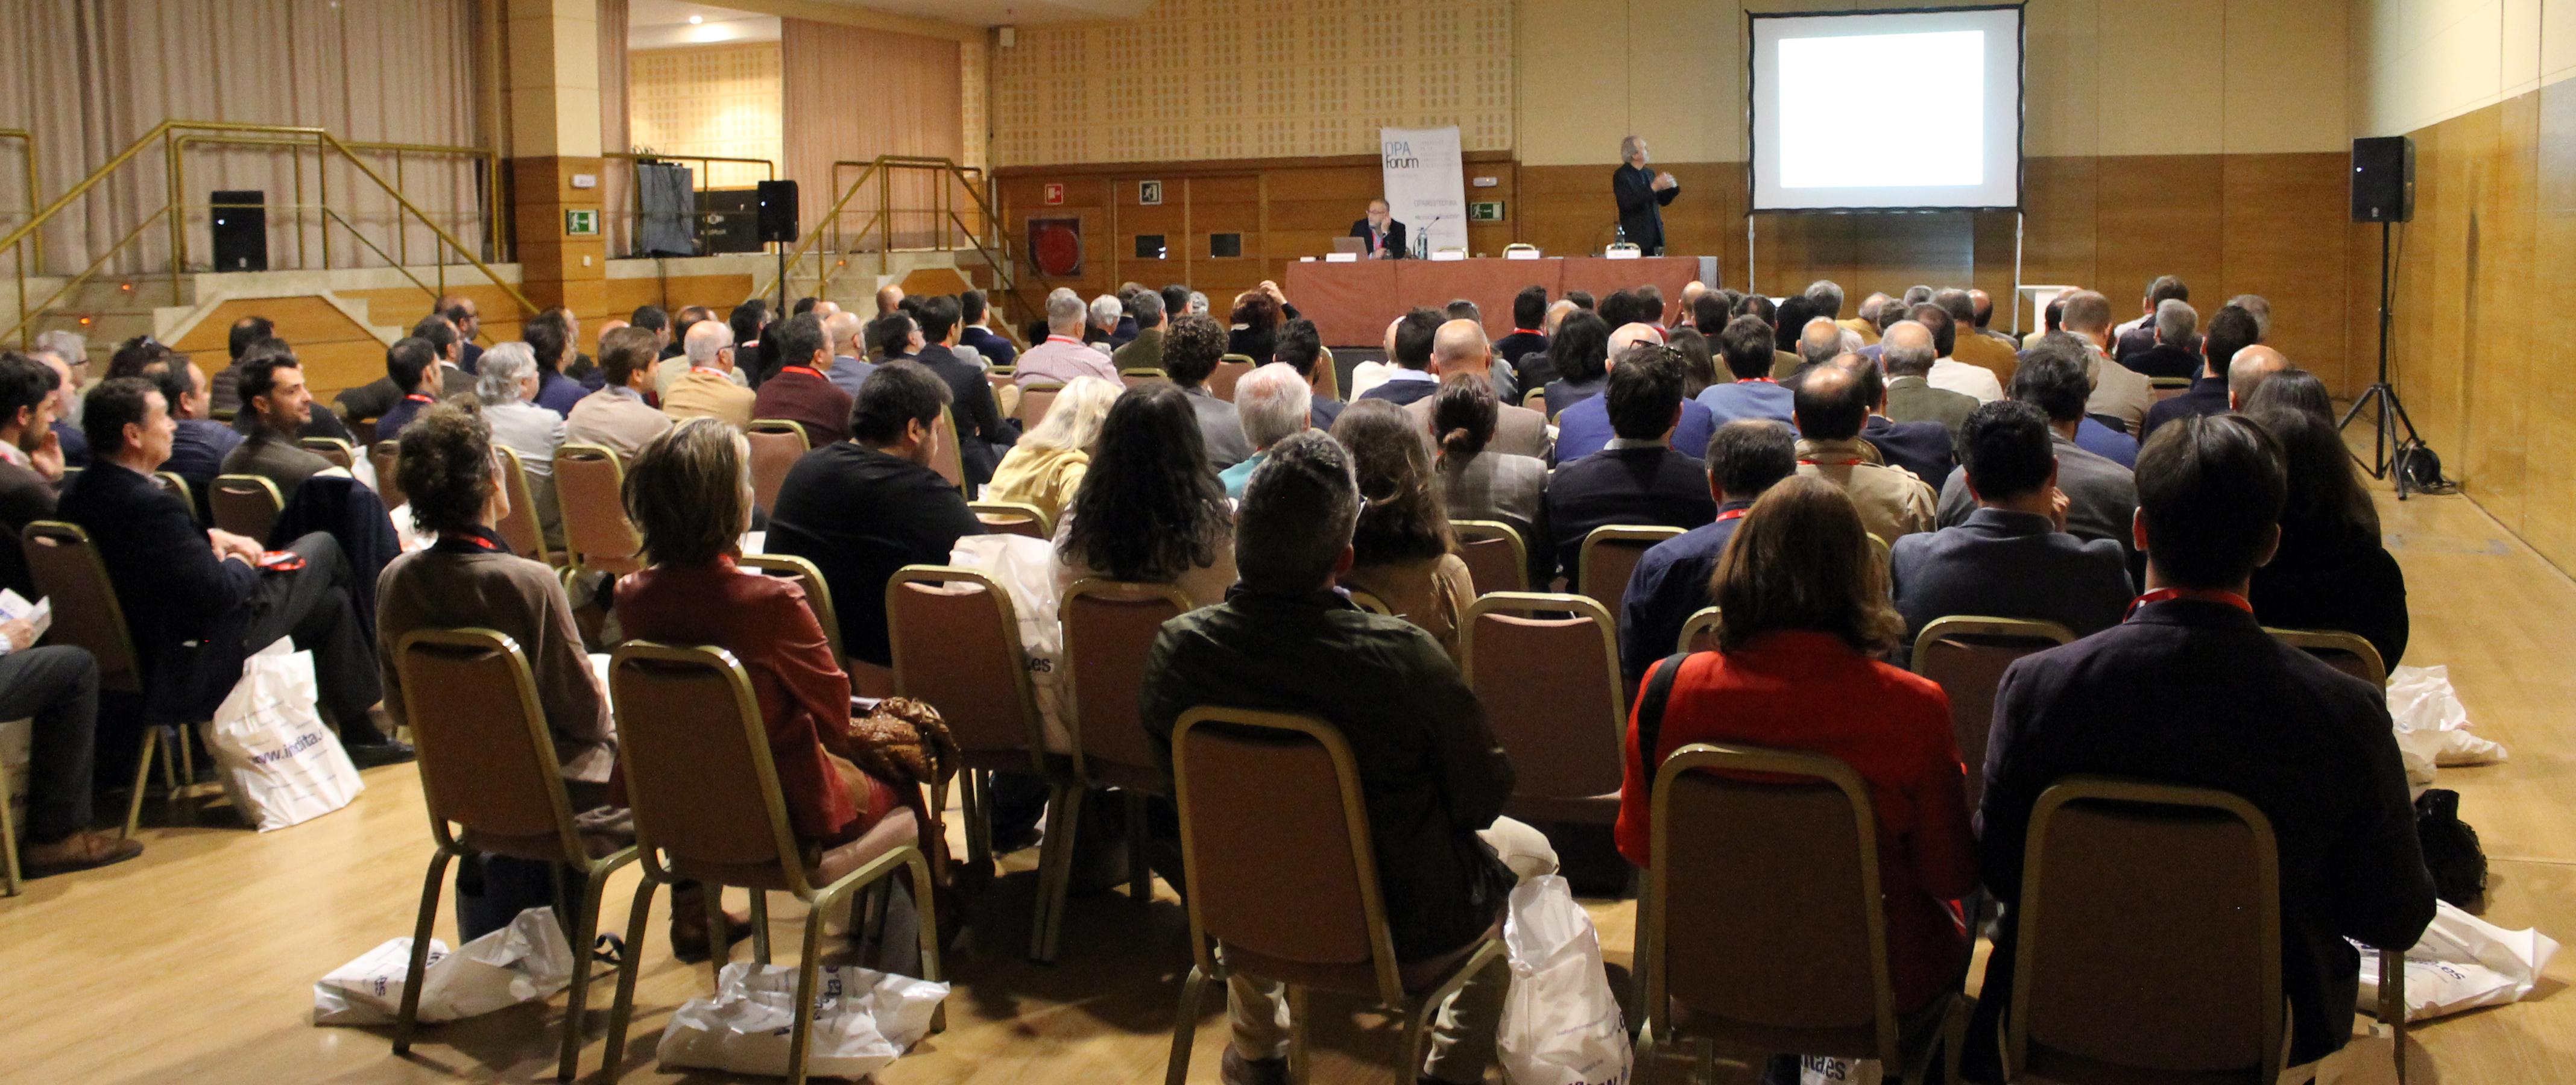 Logroño y Tenerife acogen las jornadas de innovación en la construcción presenciales